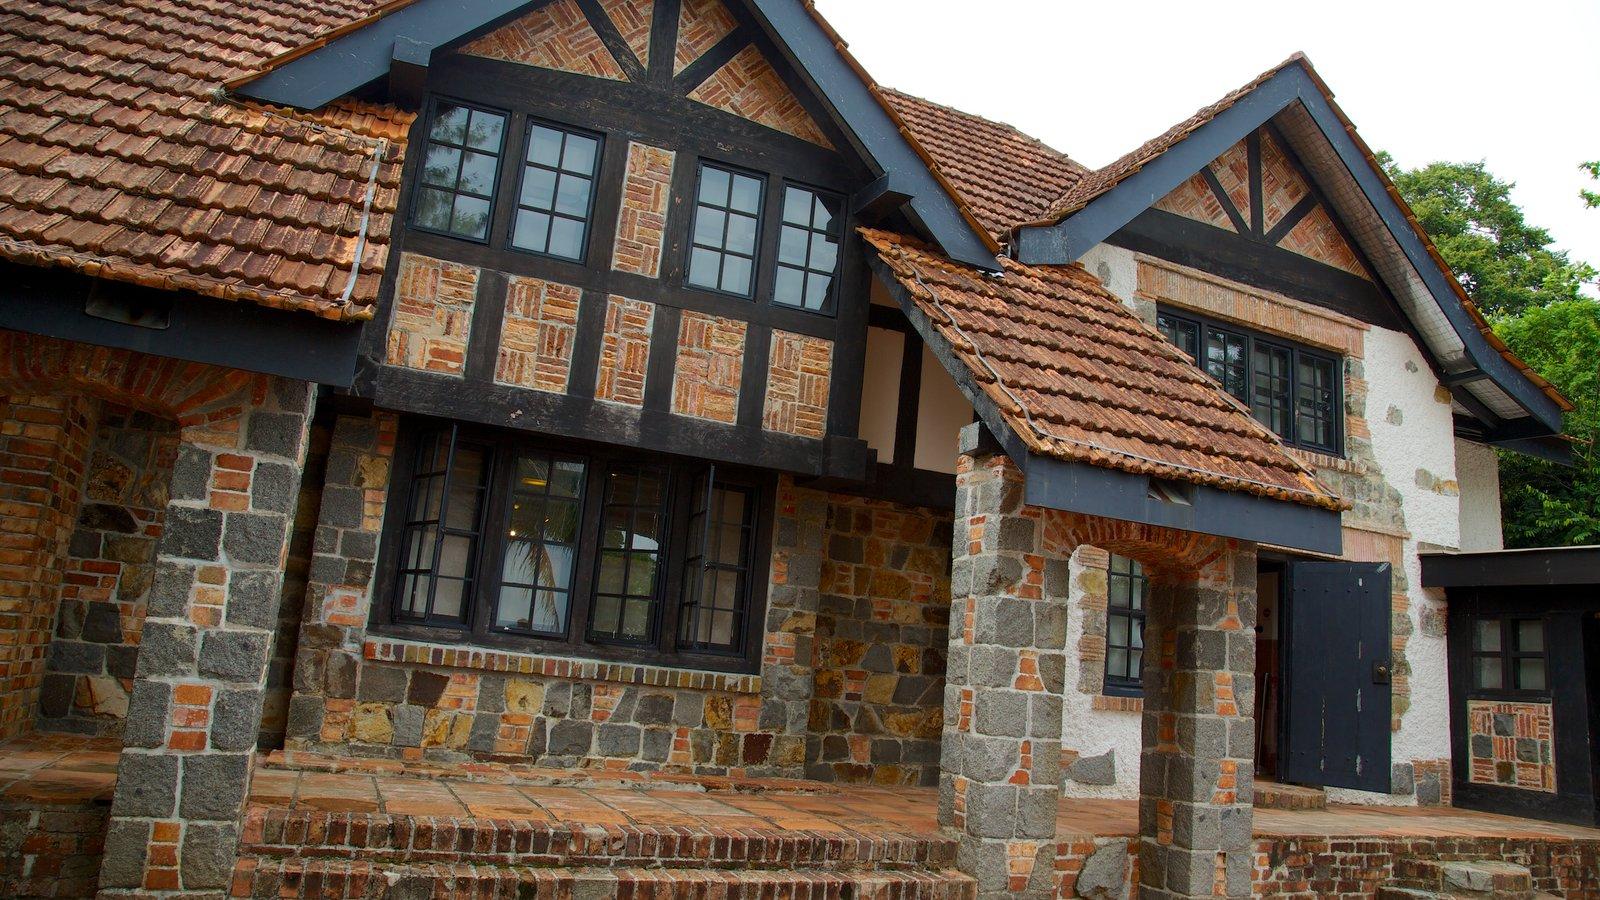 pulau ubin ofreciendo patrimonio de una casa y una ciudad